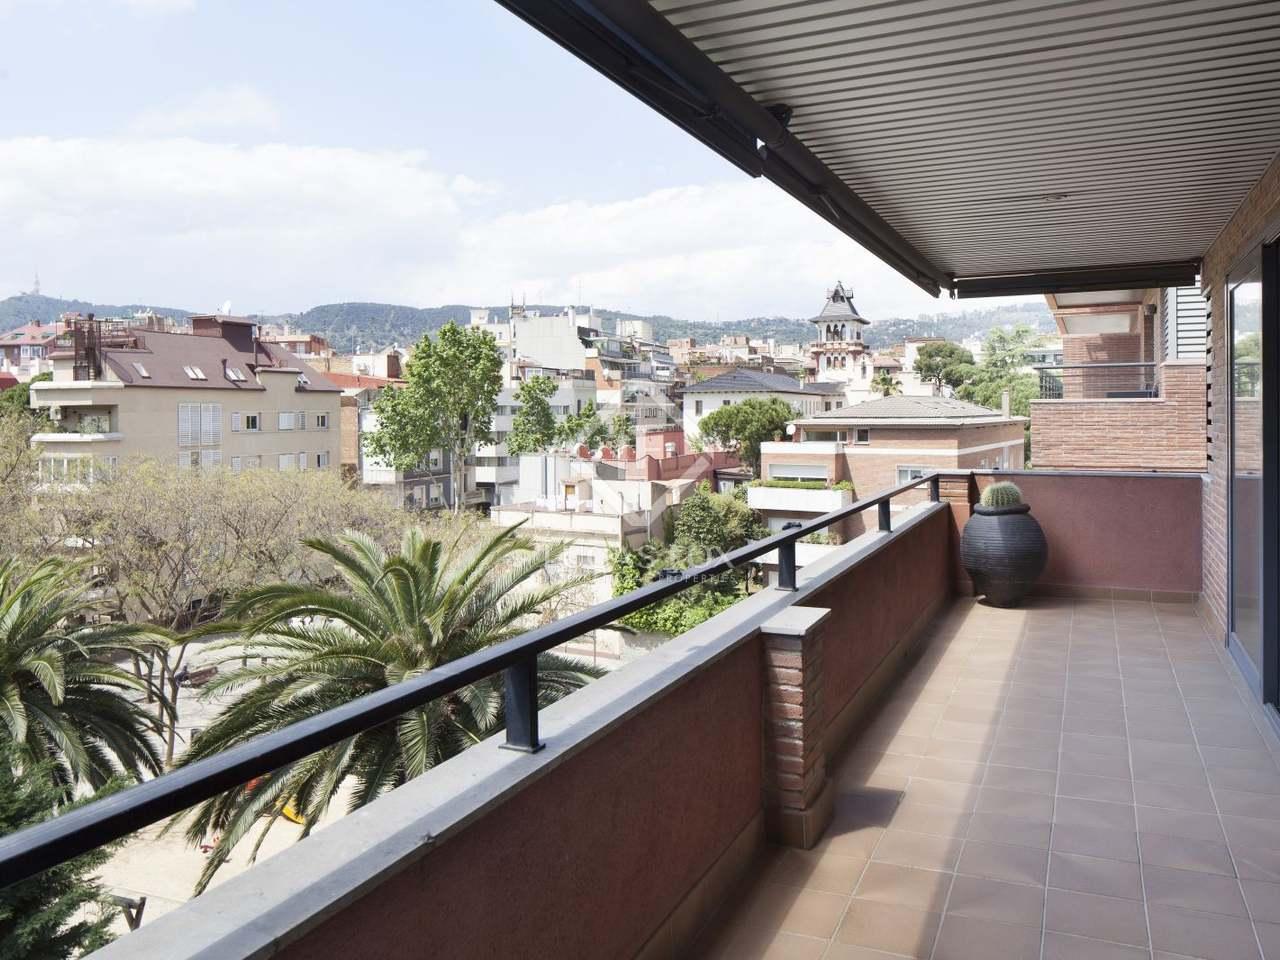 Apartamento de 3 dormitorios en alquiler en tres torres - Zona alta barcelona ...